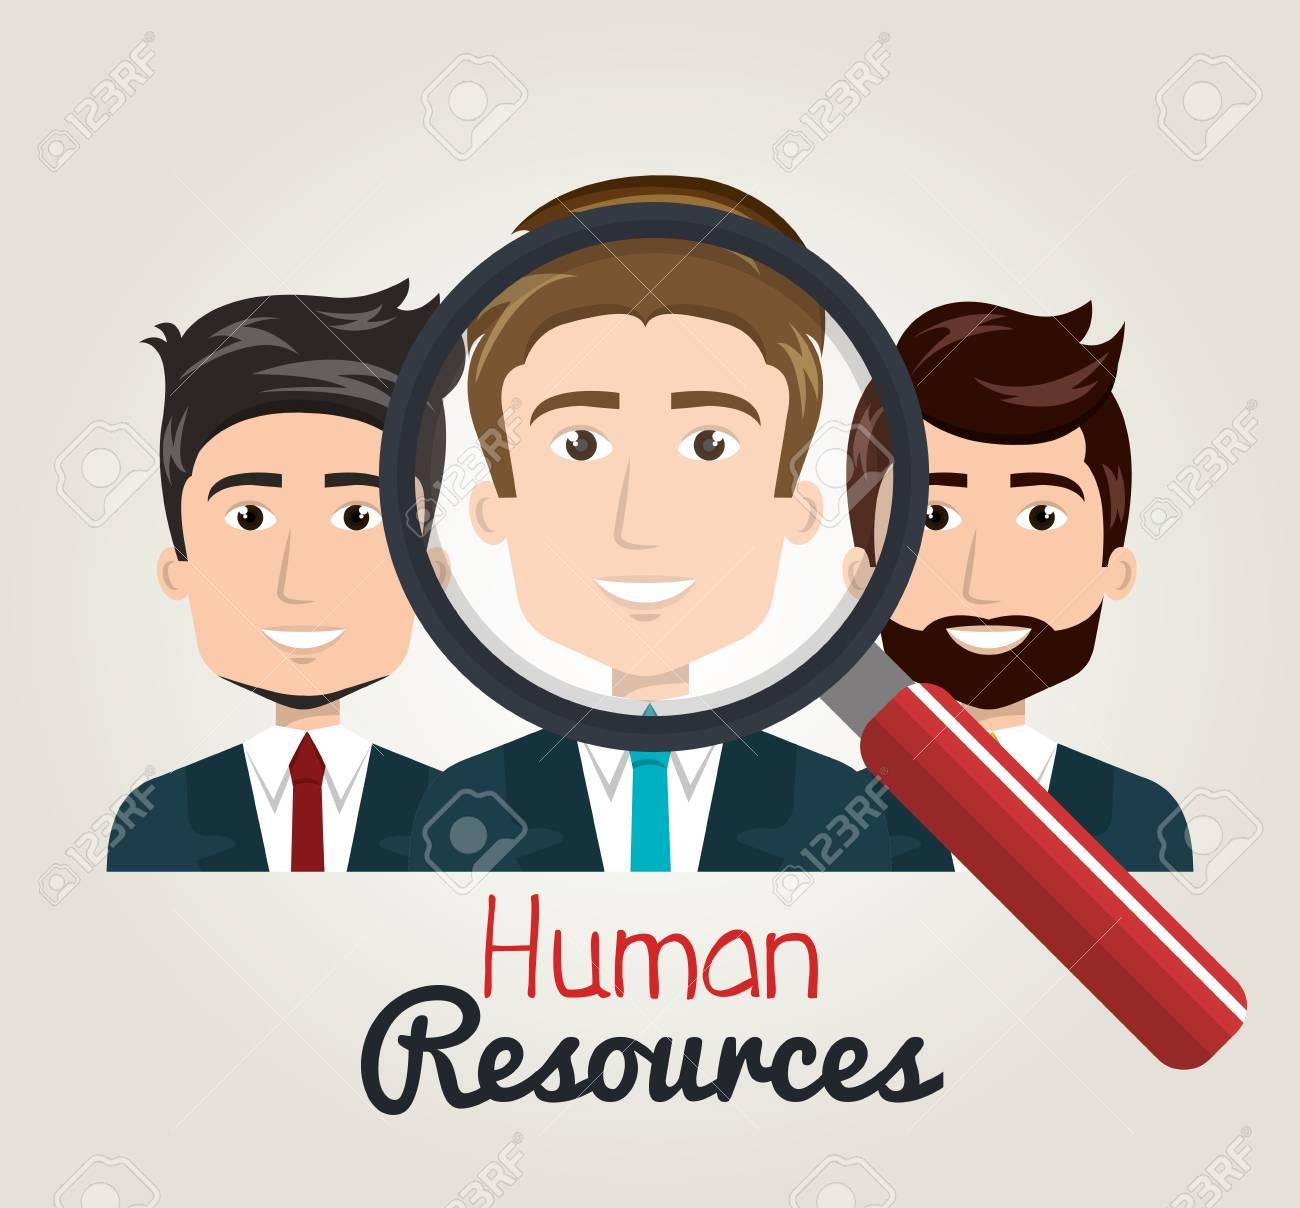 Los Hombres De Dibujos Animados De Búsqueda De Recursos Humanos